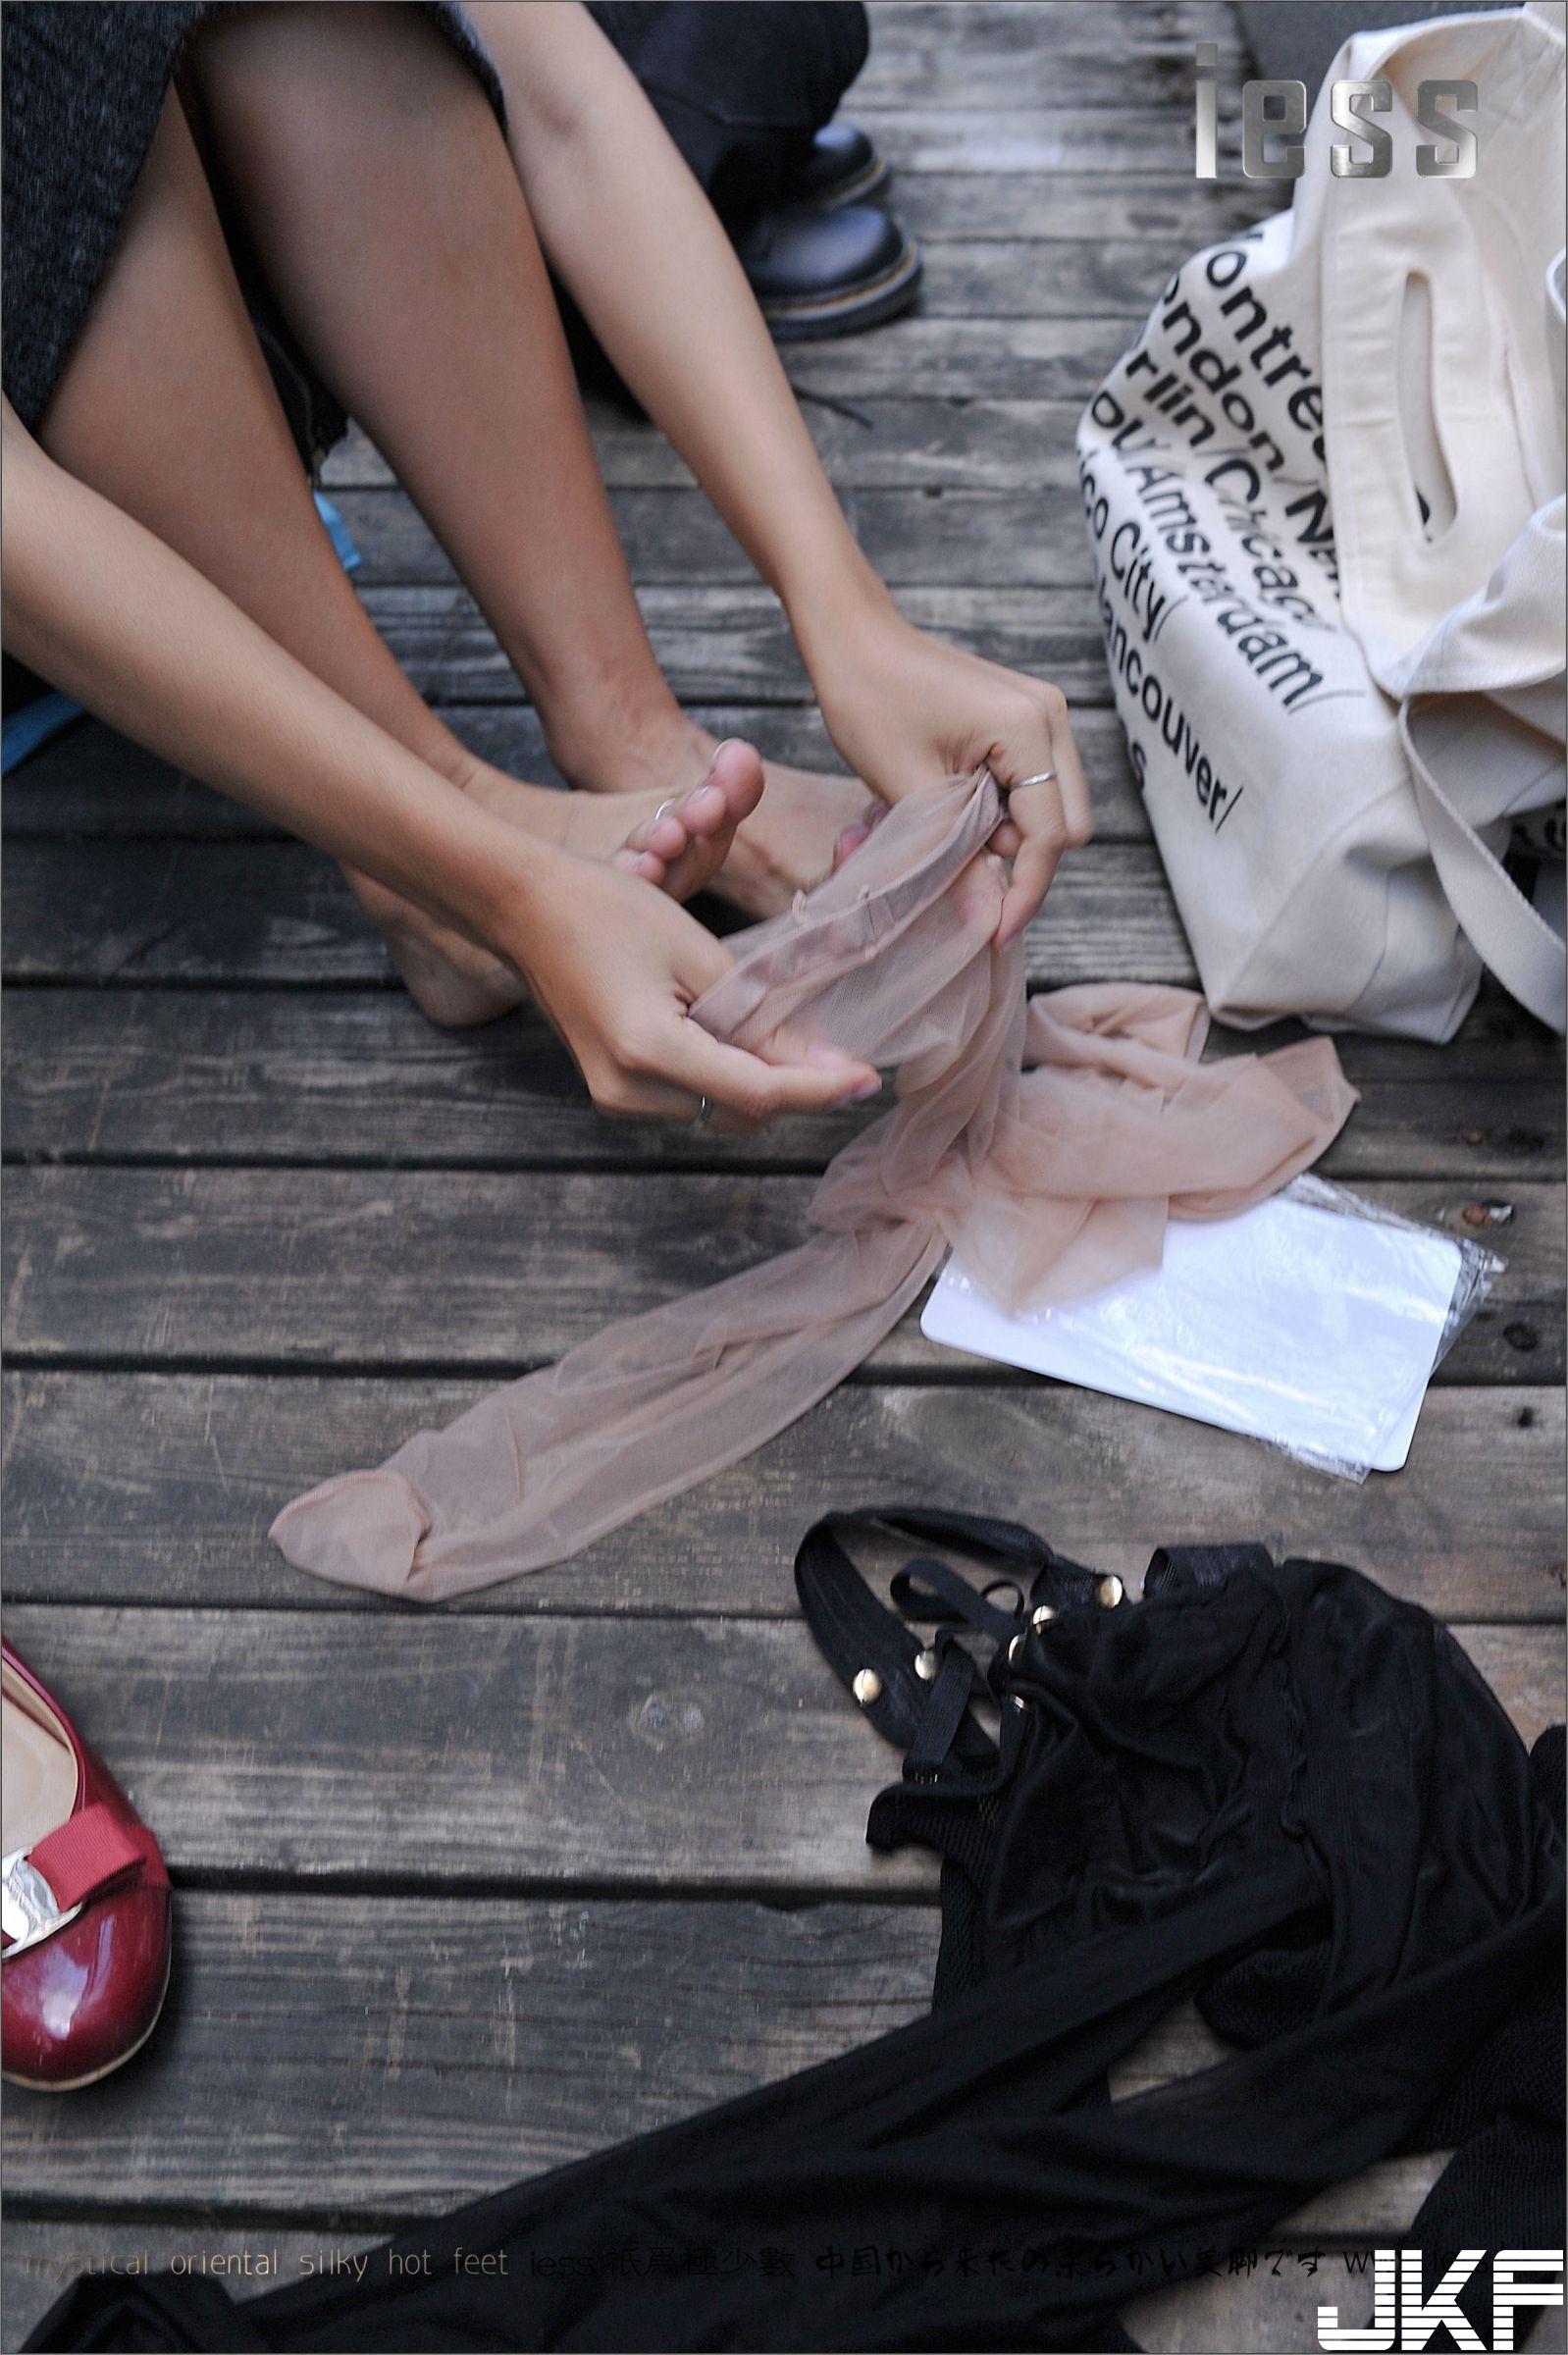 【IESS異思趣向系列】SASA《平底鞋 控 》【99P】 - 貼圖 - 絲襪美腿 -